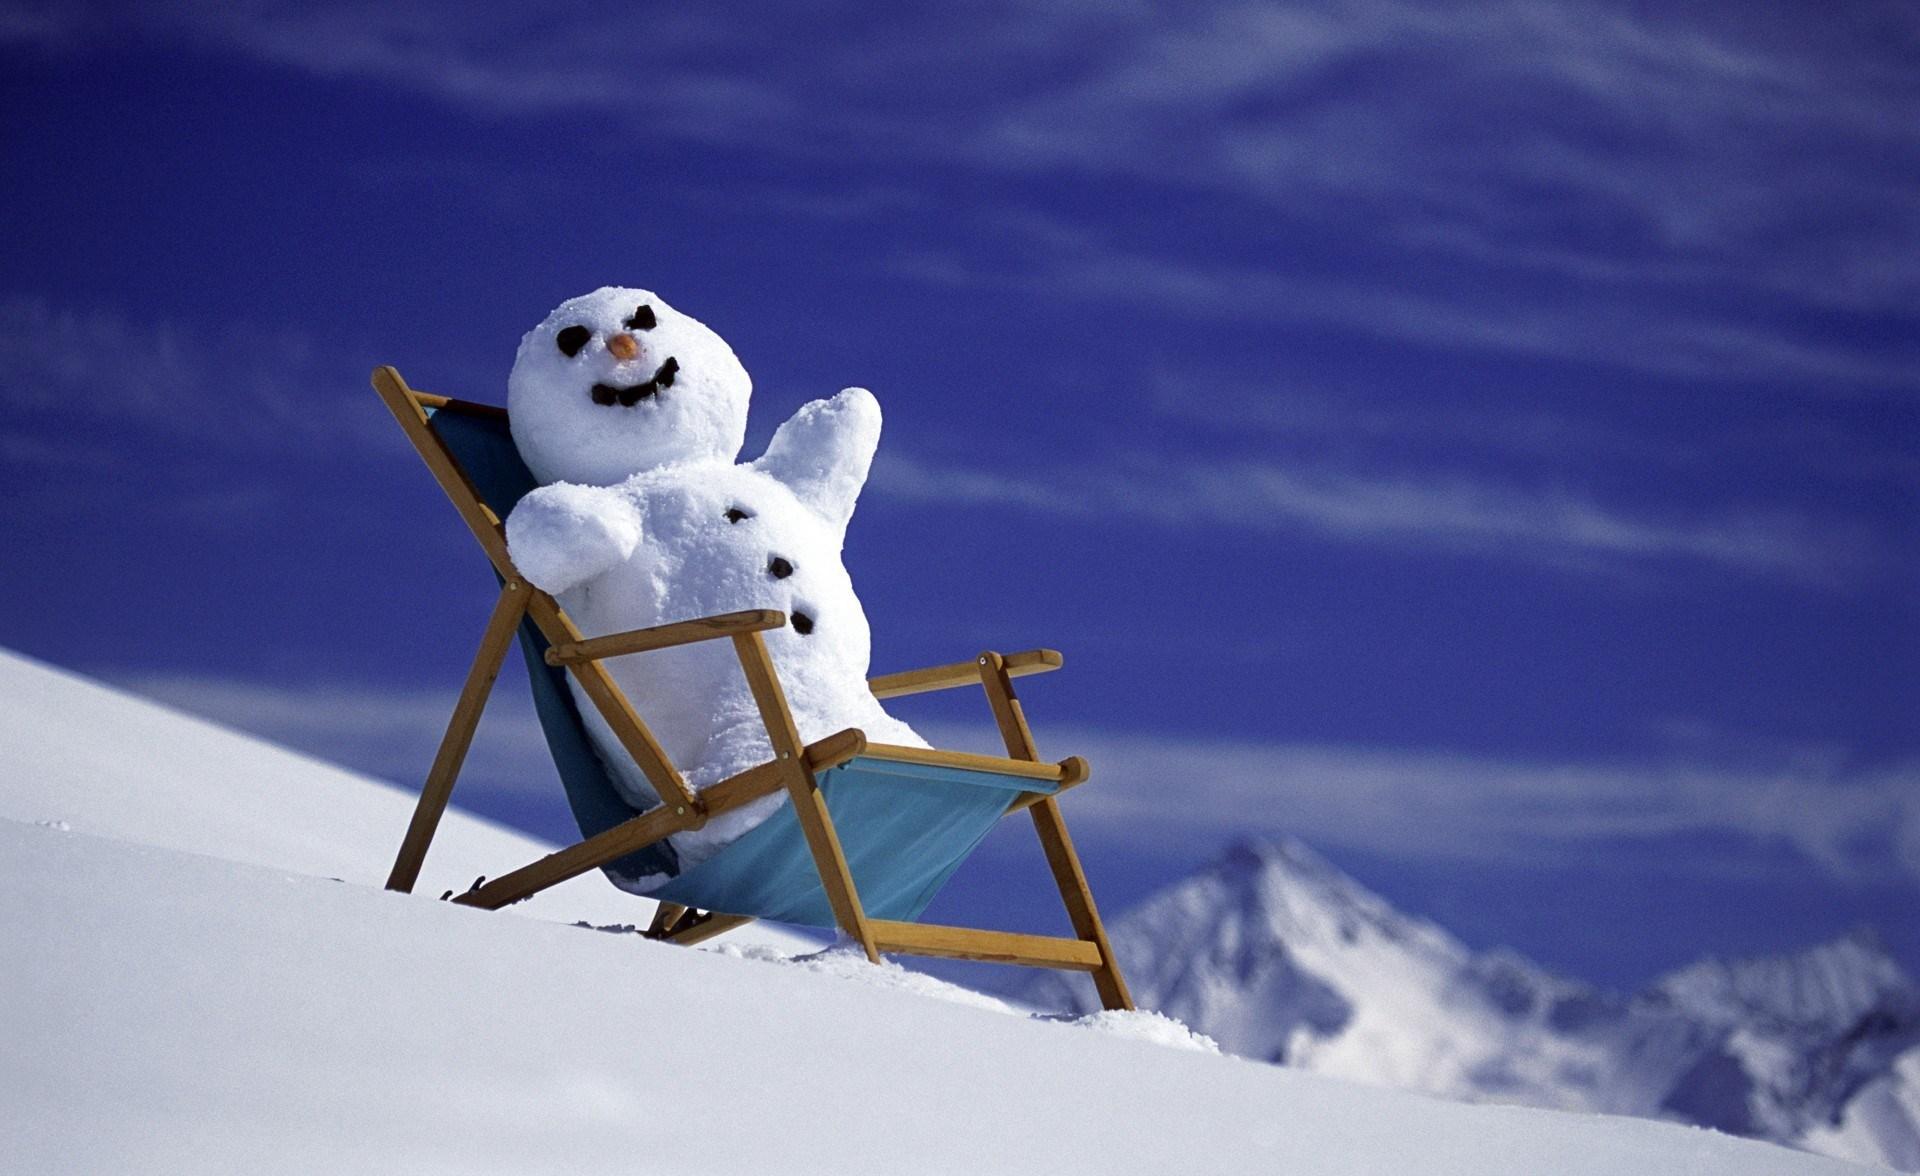 Снеговик на сноуборде  № 3290133 без смс